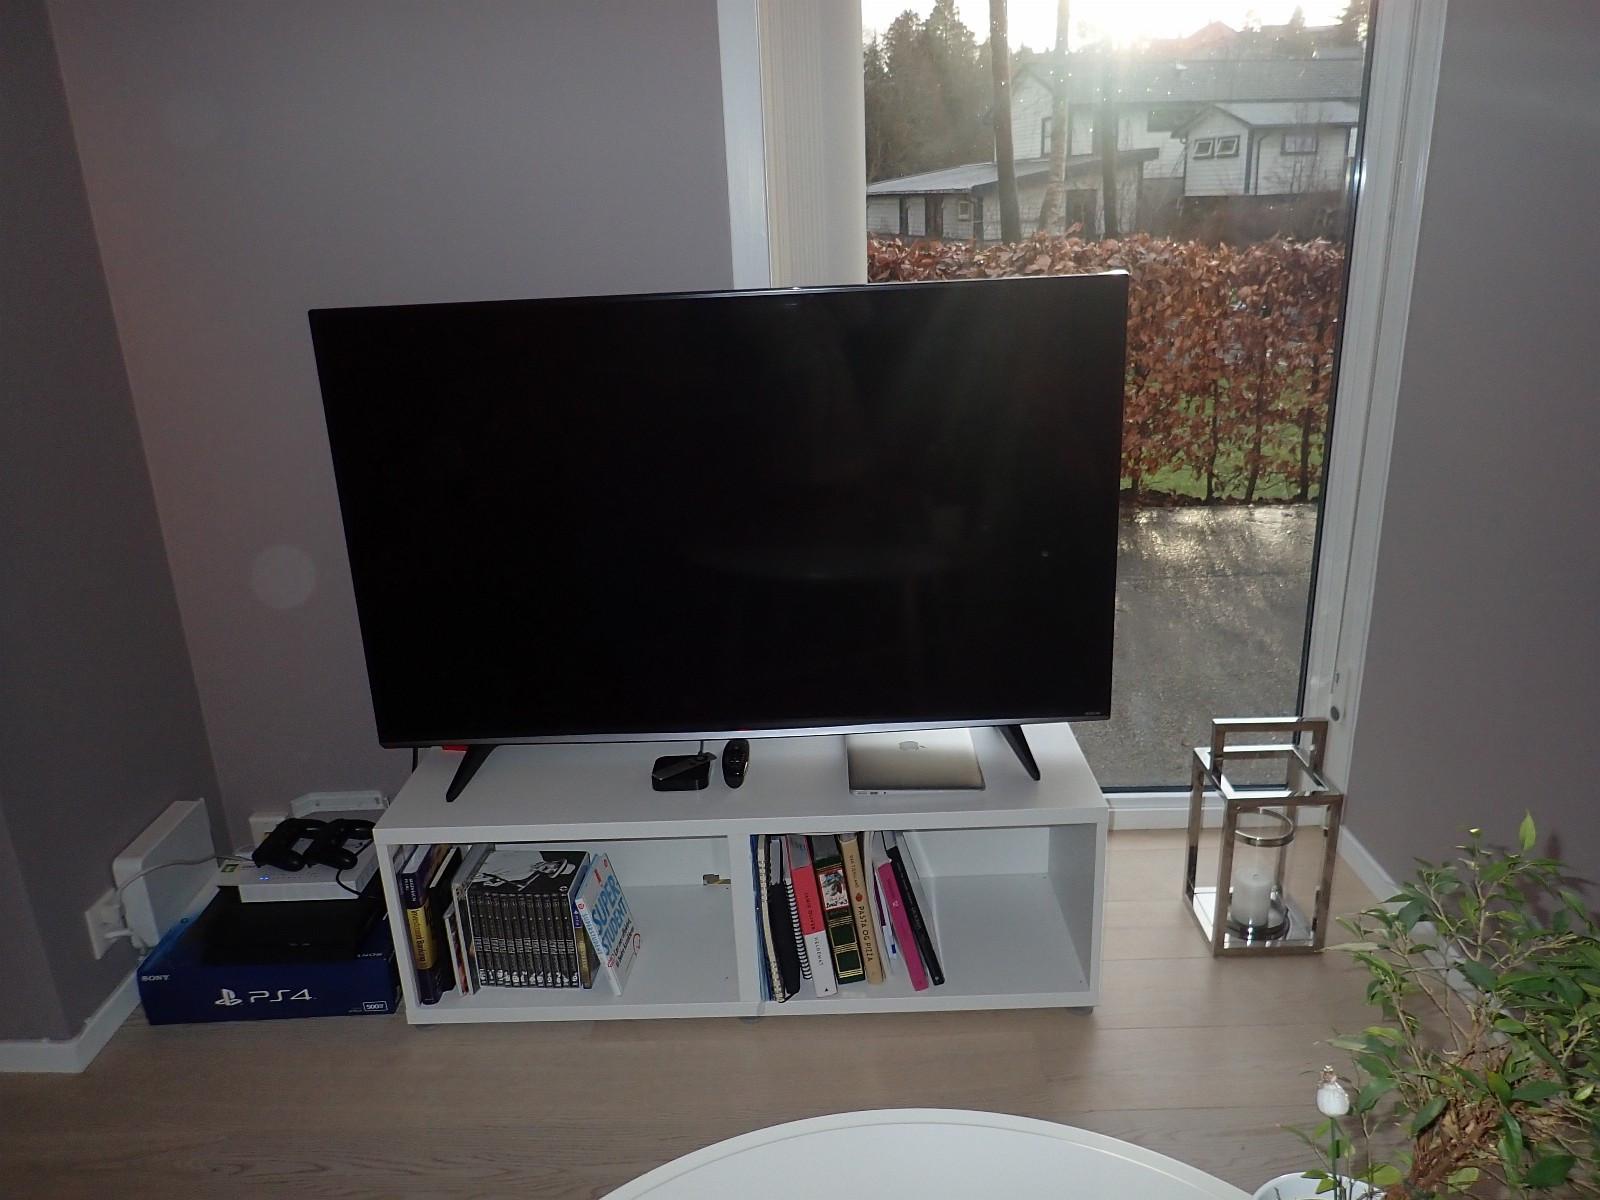 """LG 58"""" UHD 4K TV - Søreidgrend  - LG 58UF830VAEN kjøpt romjulen 2015  UHD 4k oppløsning, 58"""" skjerm Les mer her:  http://www.lg.com/uk/tvs/lg-58UF830V  Helt ordinært brukt siden januar 2016, fungerer helt utmerket uten - Søreidgrend"""